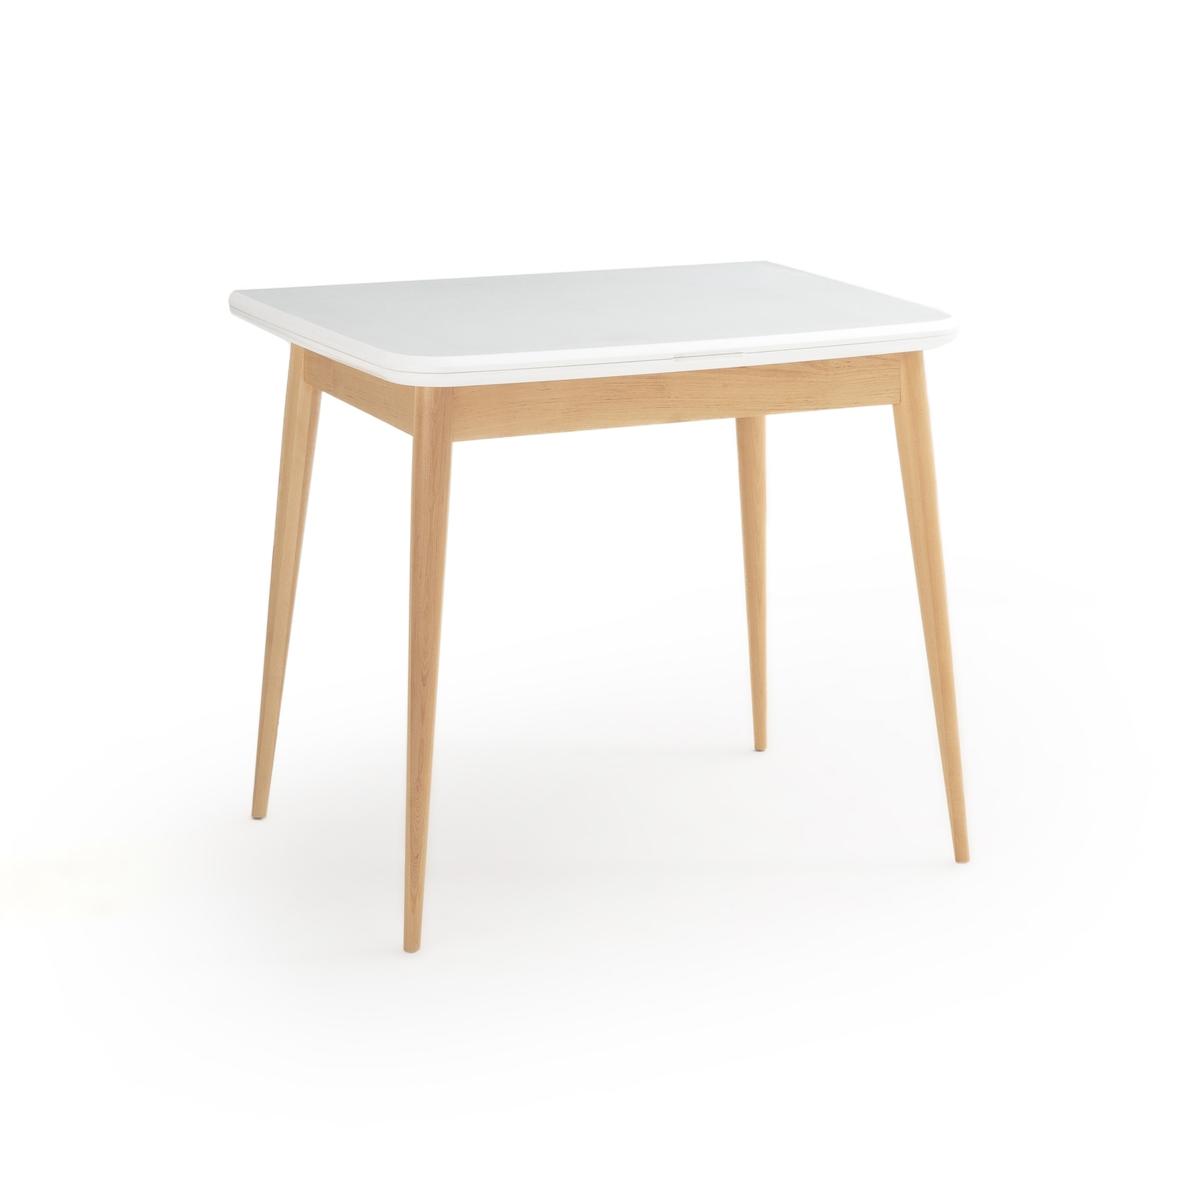 Раздвижной La Redoute Обеденный стол на - человек Jimi 4 персоны белый стол la redoute барный janik регулируемый по высоте 2 персоны белый